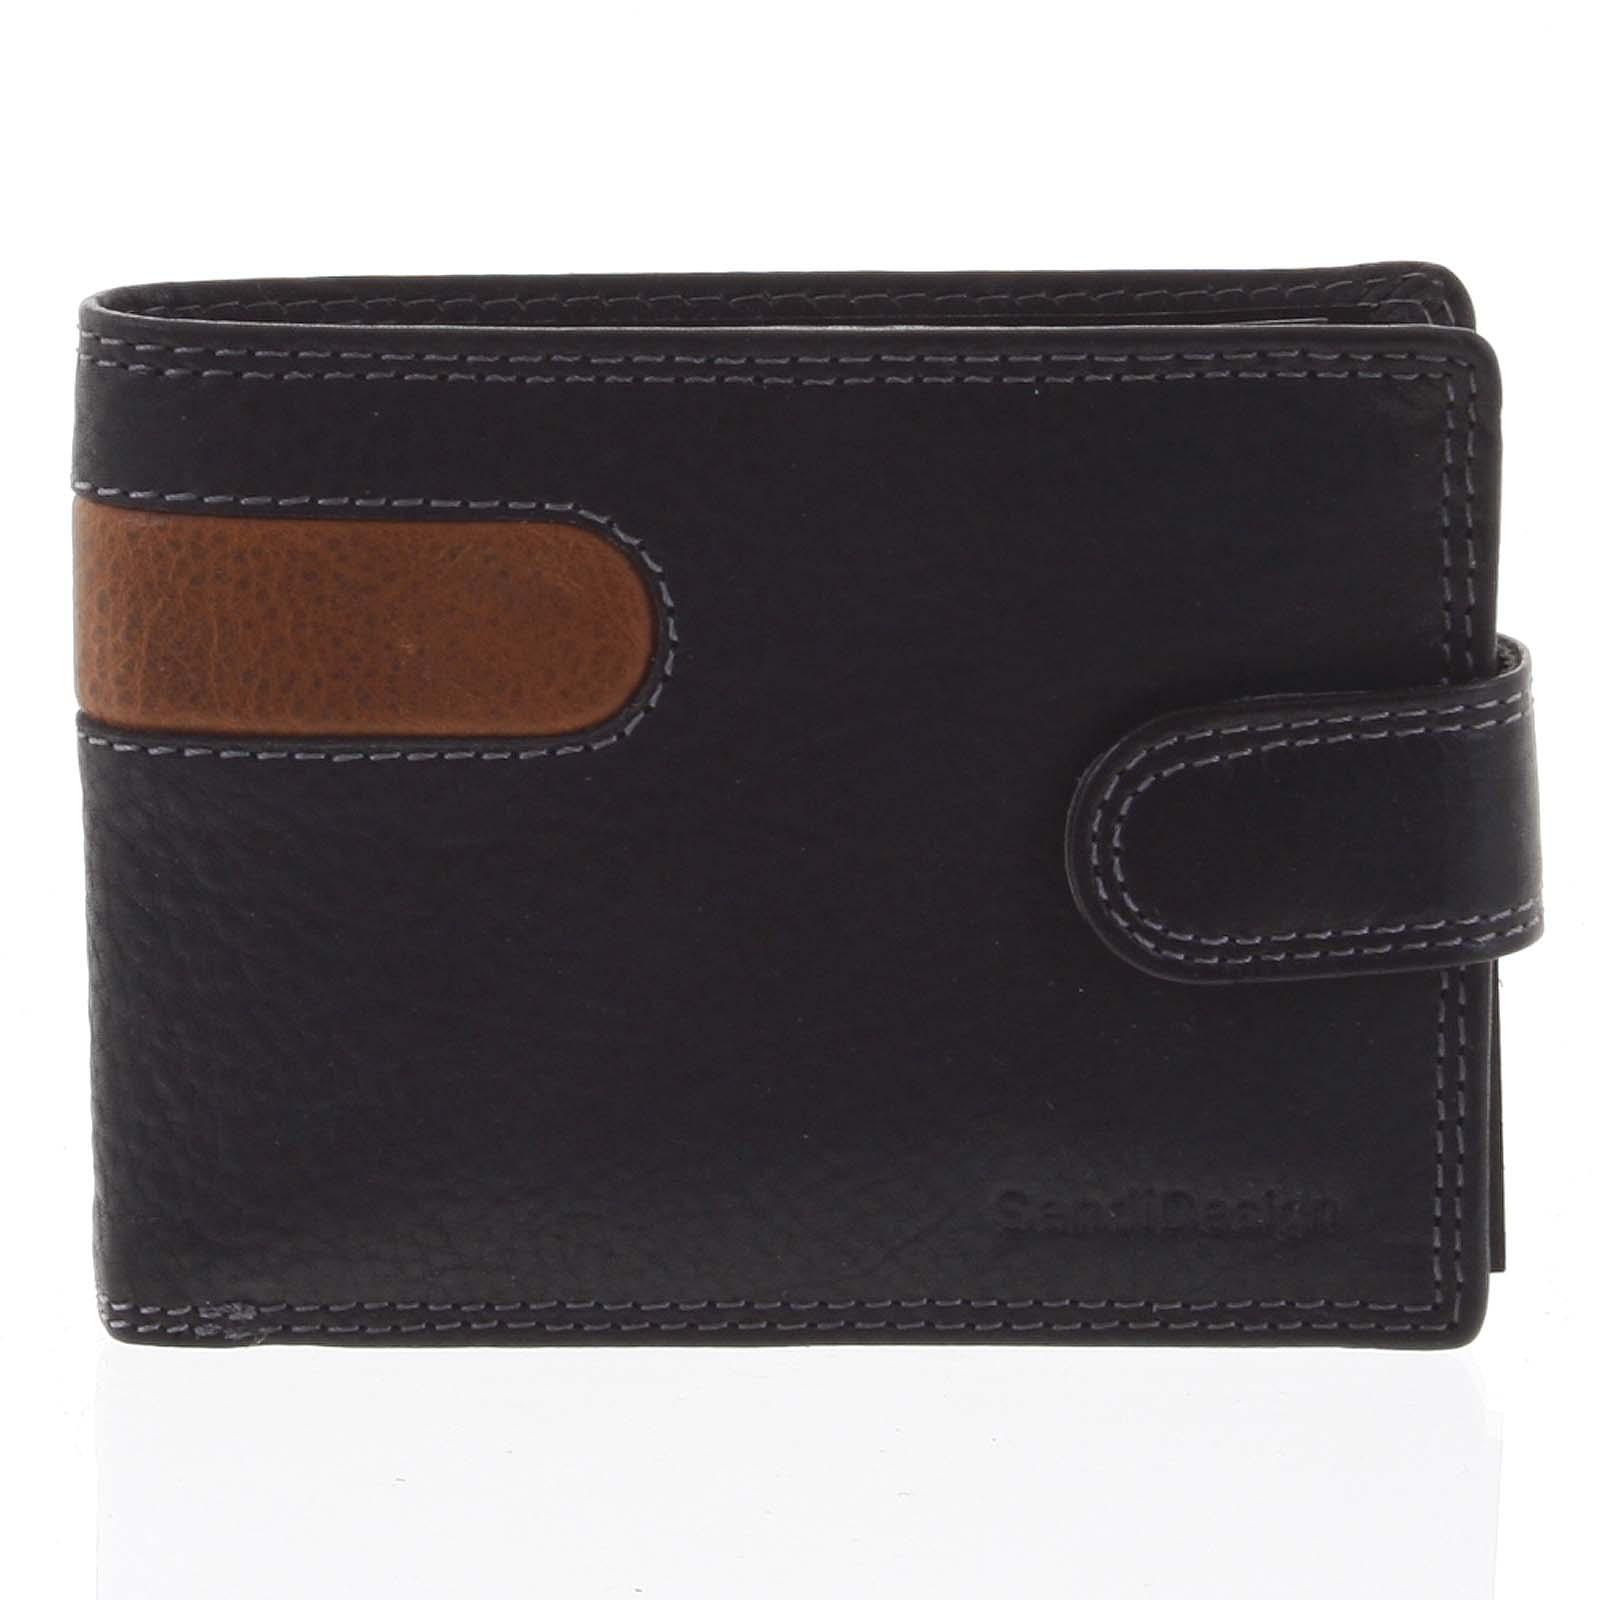 Nejprodávanější pánská kožená peněženka černá - SendiDesign Tarsus